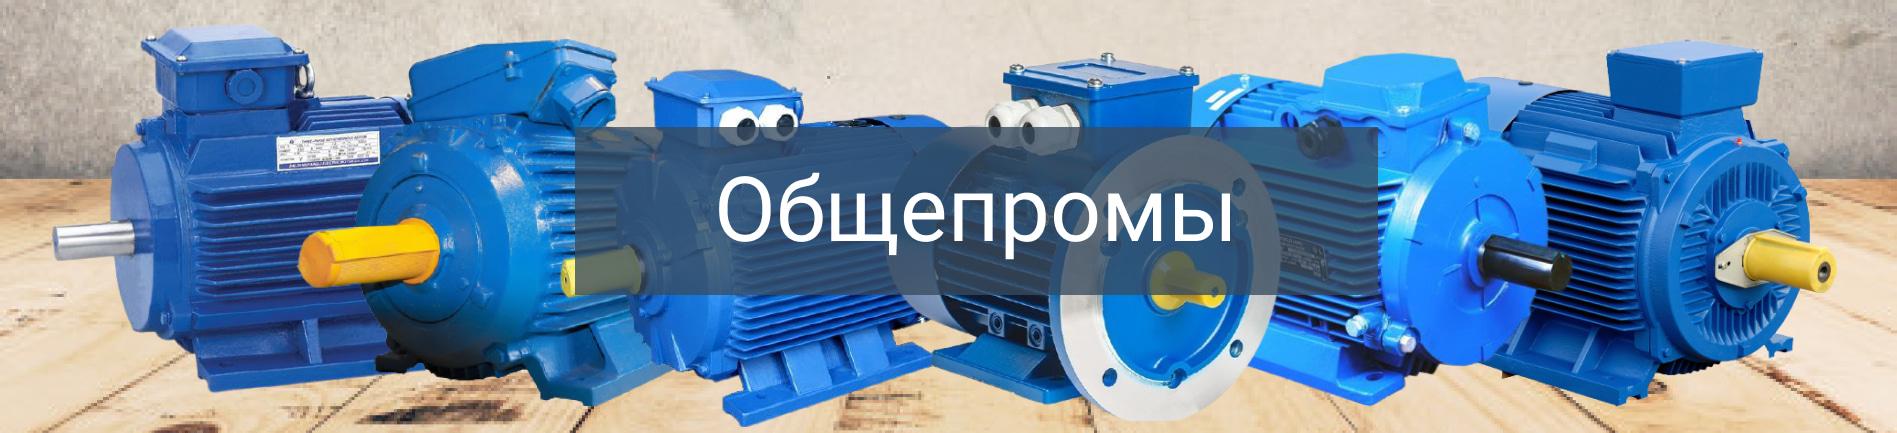 Общепромышленные электродвигатели 30 квт